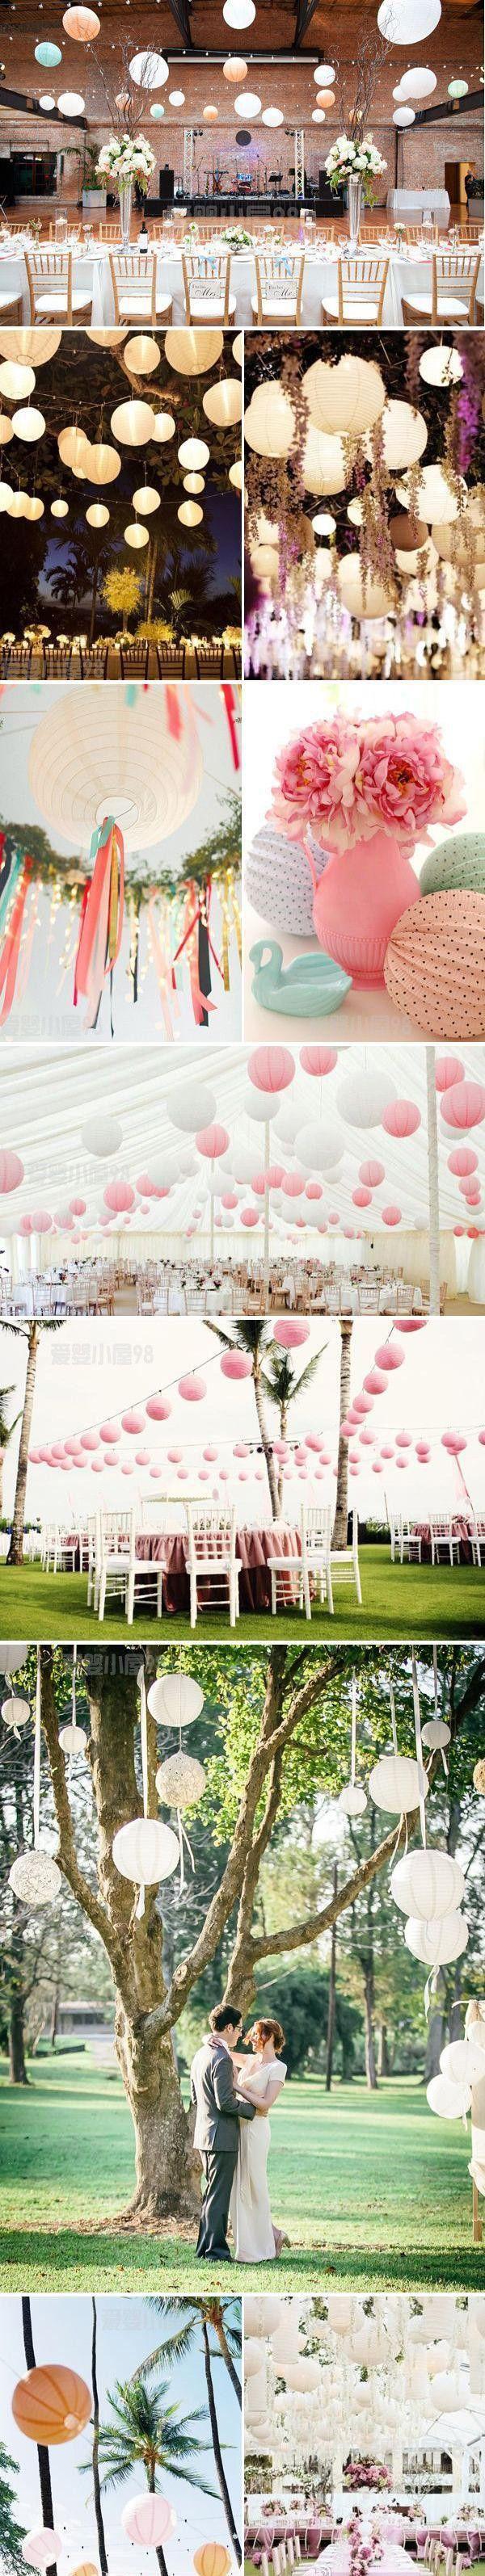 O envio gratuito de 20 pçs/lote 12 '' papel chinês lanterna de papel da lâmpada decoração de casamento branco cores para a decoração do partido em Materiais para festas & comemorações de Casa & jardim no AliExpress.com | Alibaba Group